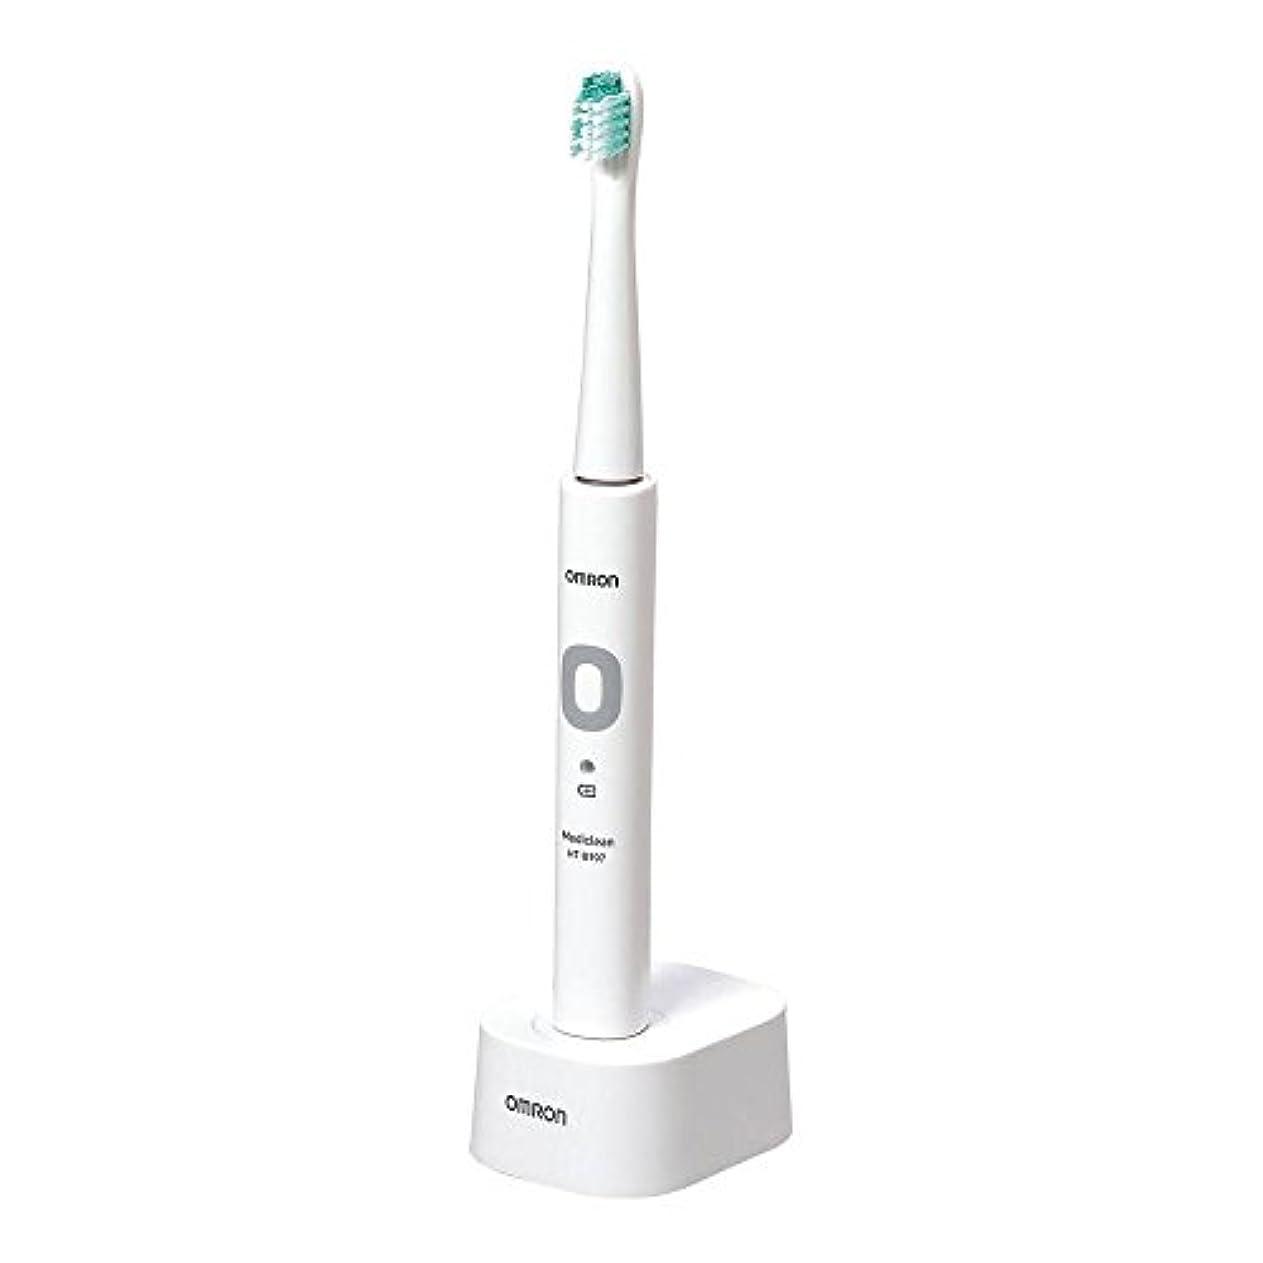 部分的にしつけ果てしないオムロン 電動歯ブラシ 音波式 メディクリーン